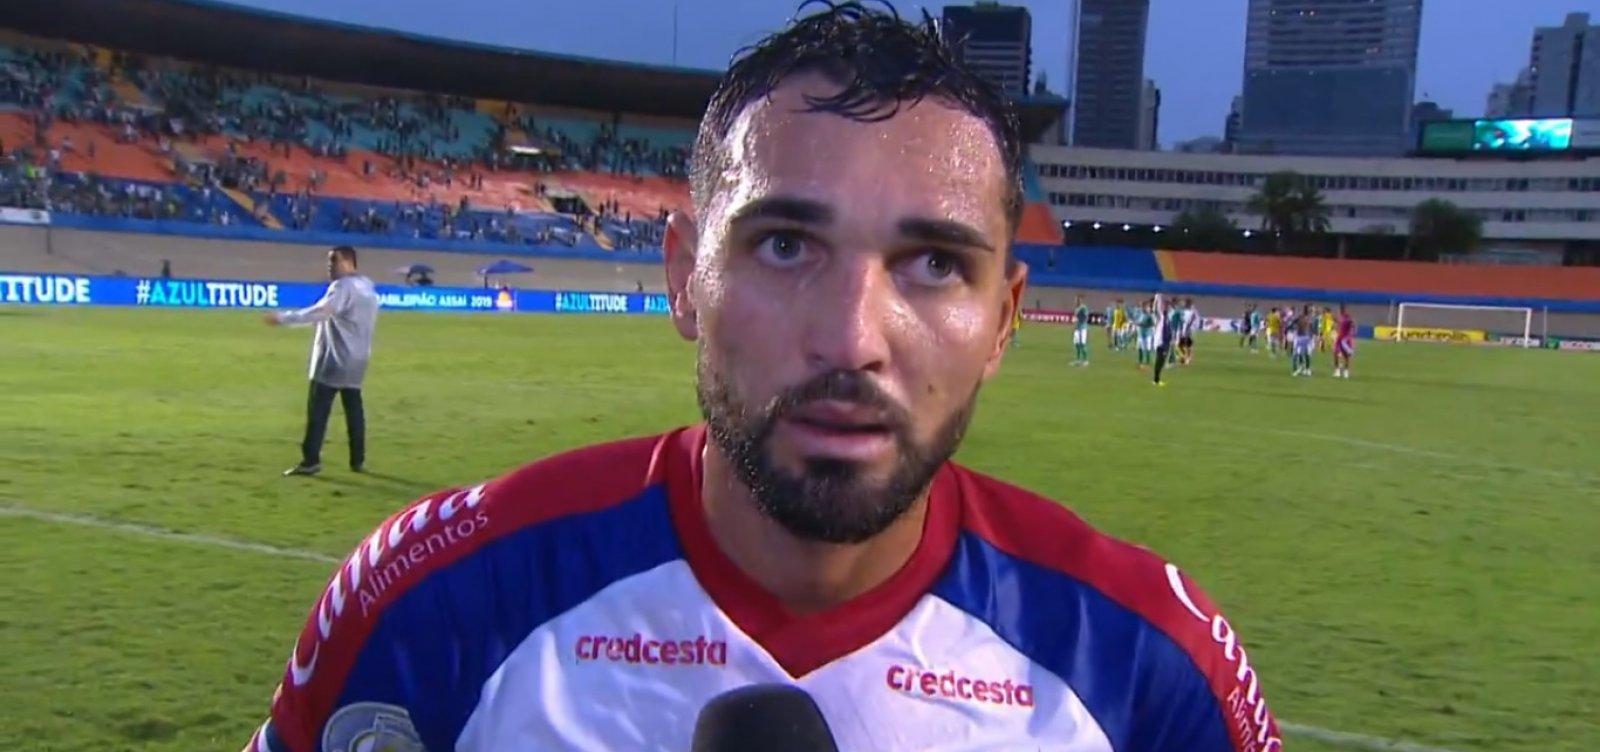 [Gilberto manda recado para a torcida após derrota do Bahia para o Goiás: 'Vamos lutar até o final']